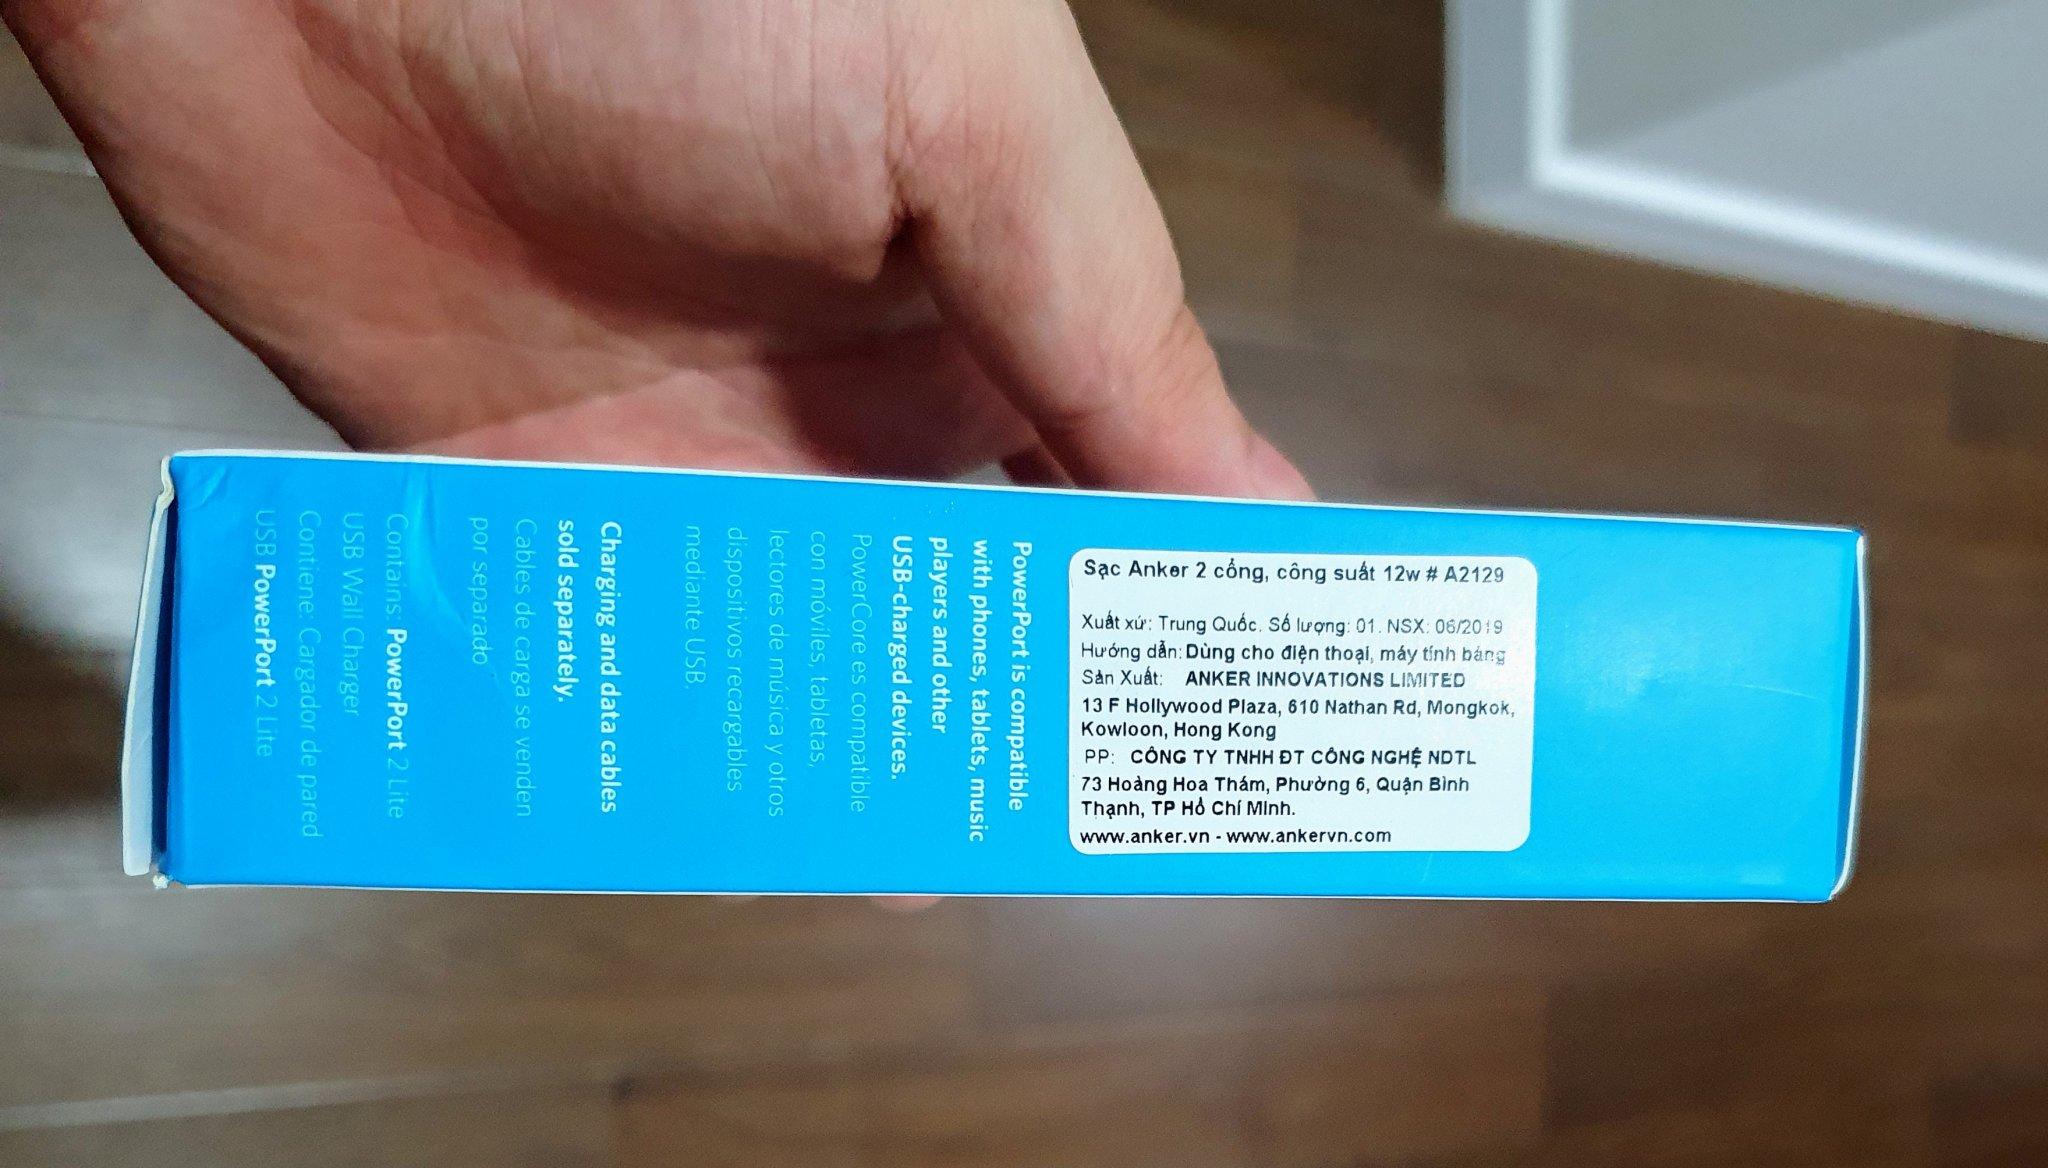 Kiểm tra tem nhãn đầy đủ trên sản phẩm.